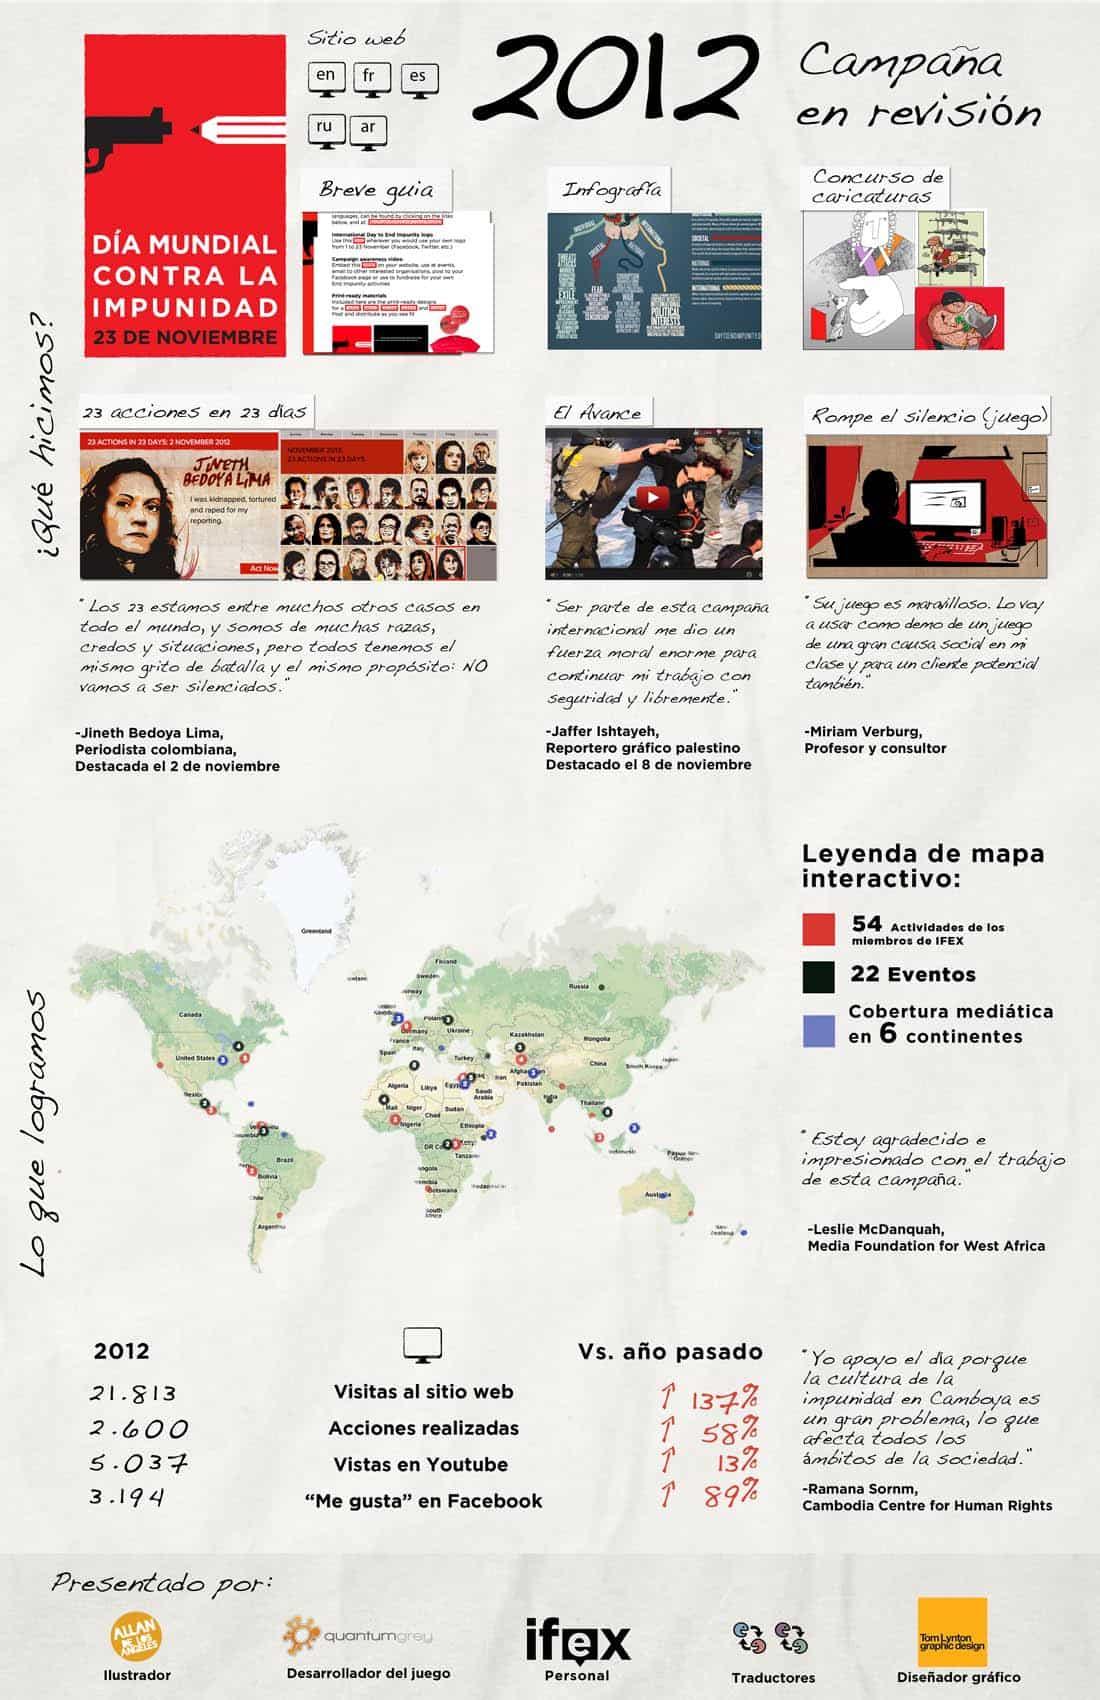 Dia Mundial contra la Impunidad 2012 - Resumen